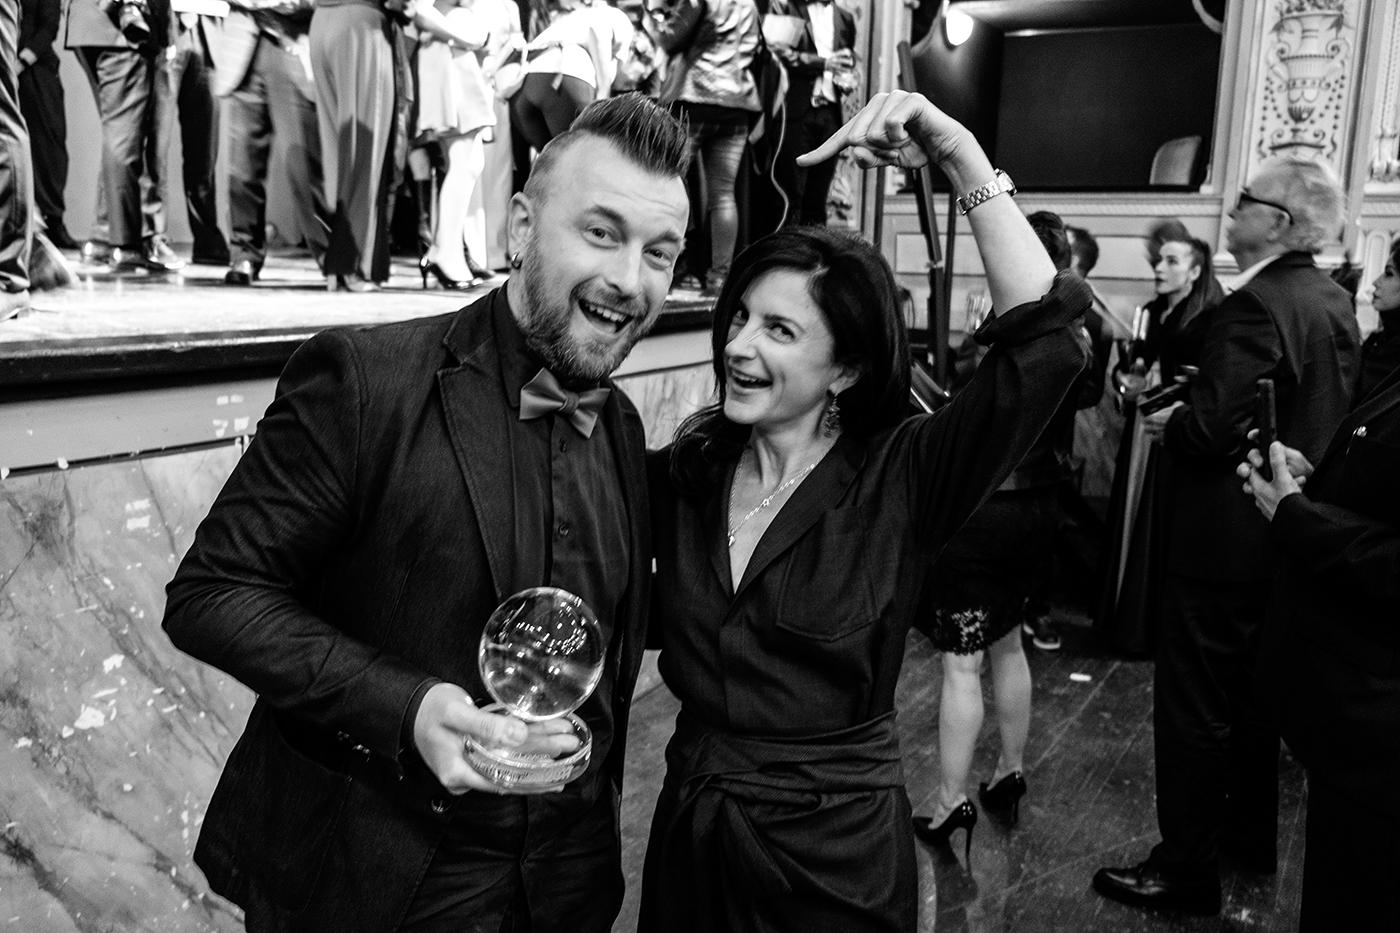 Снимок известного ярославского фотографа получил «бронзовый» шар на престижнейшем европейском конкурсе